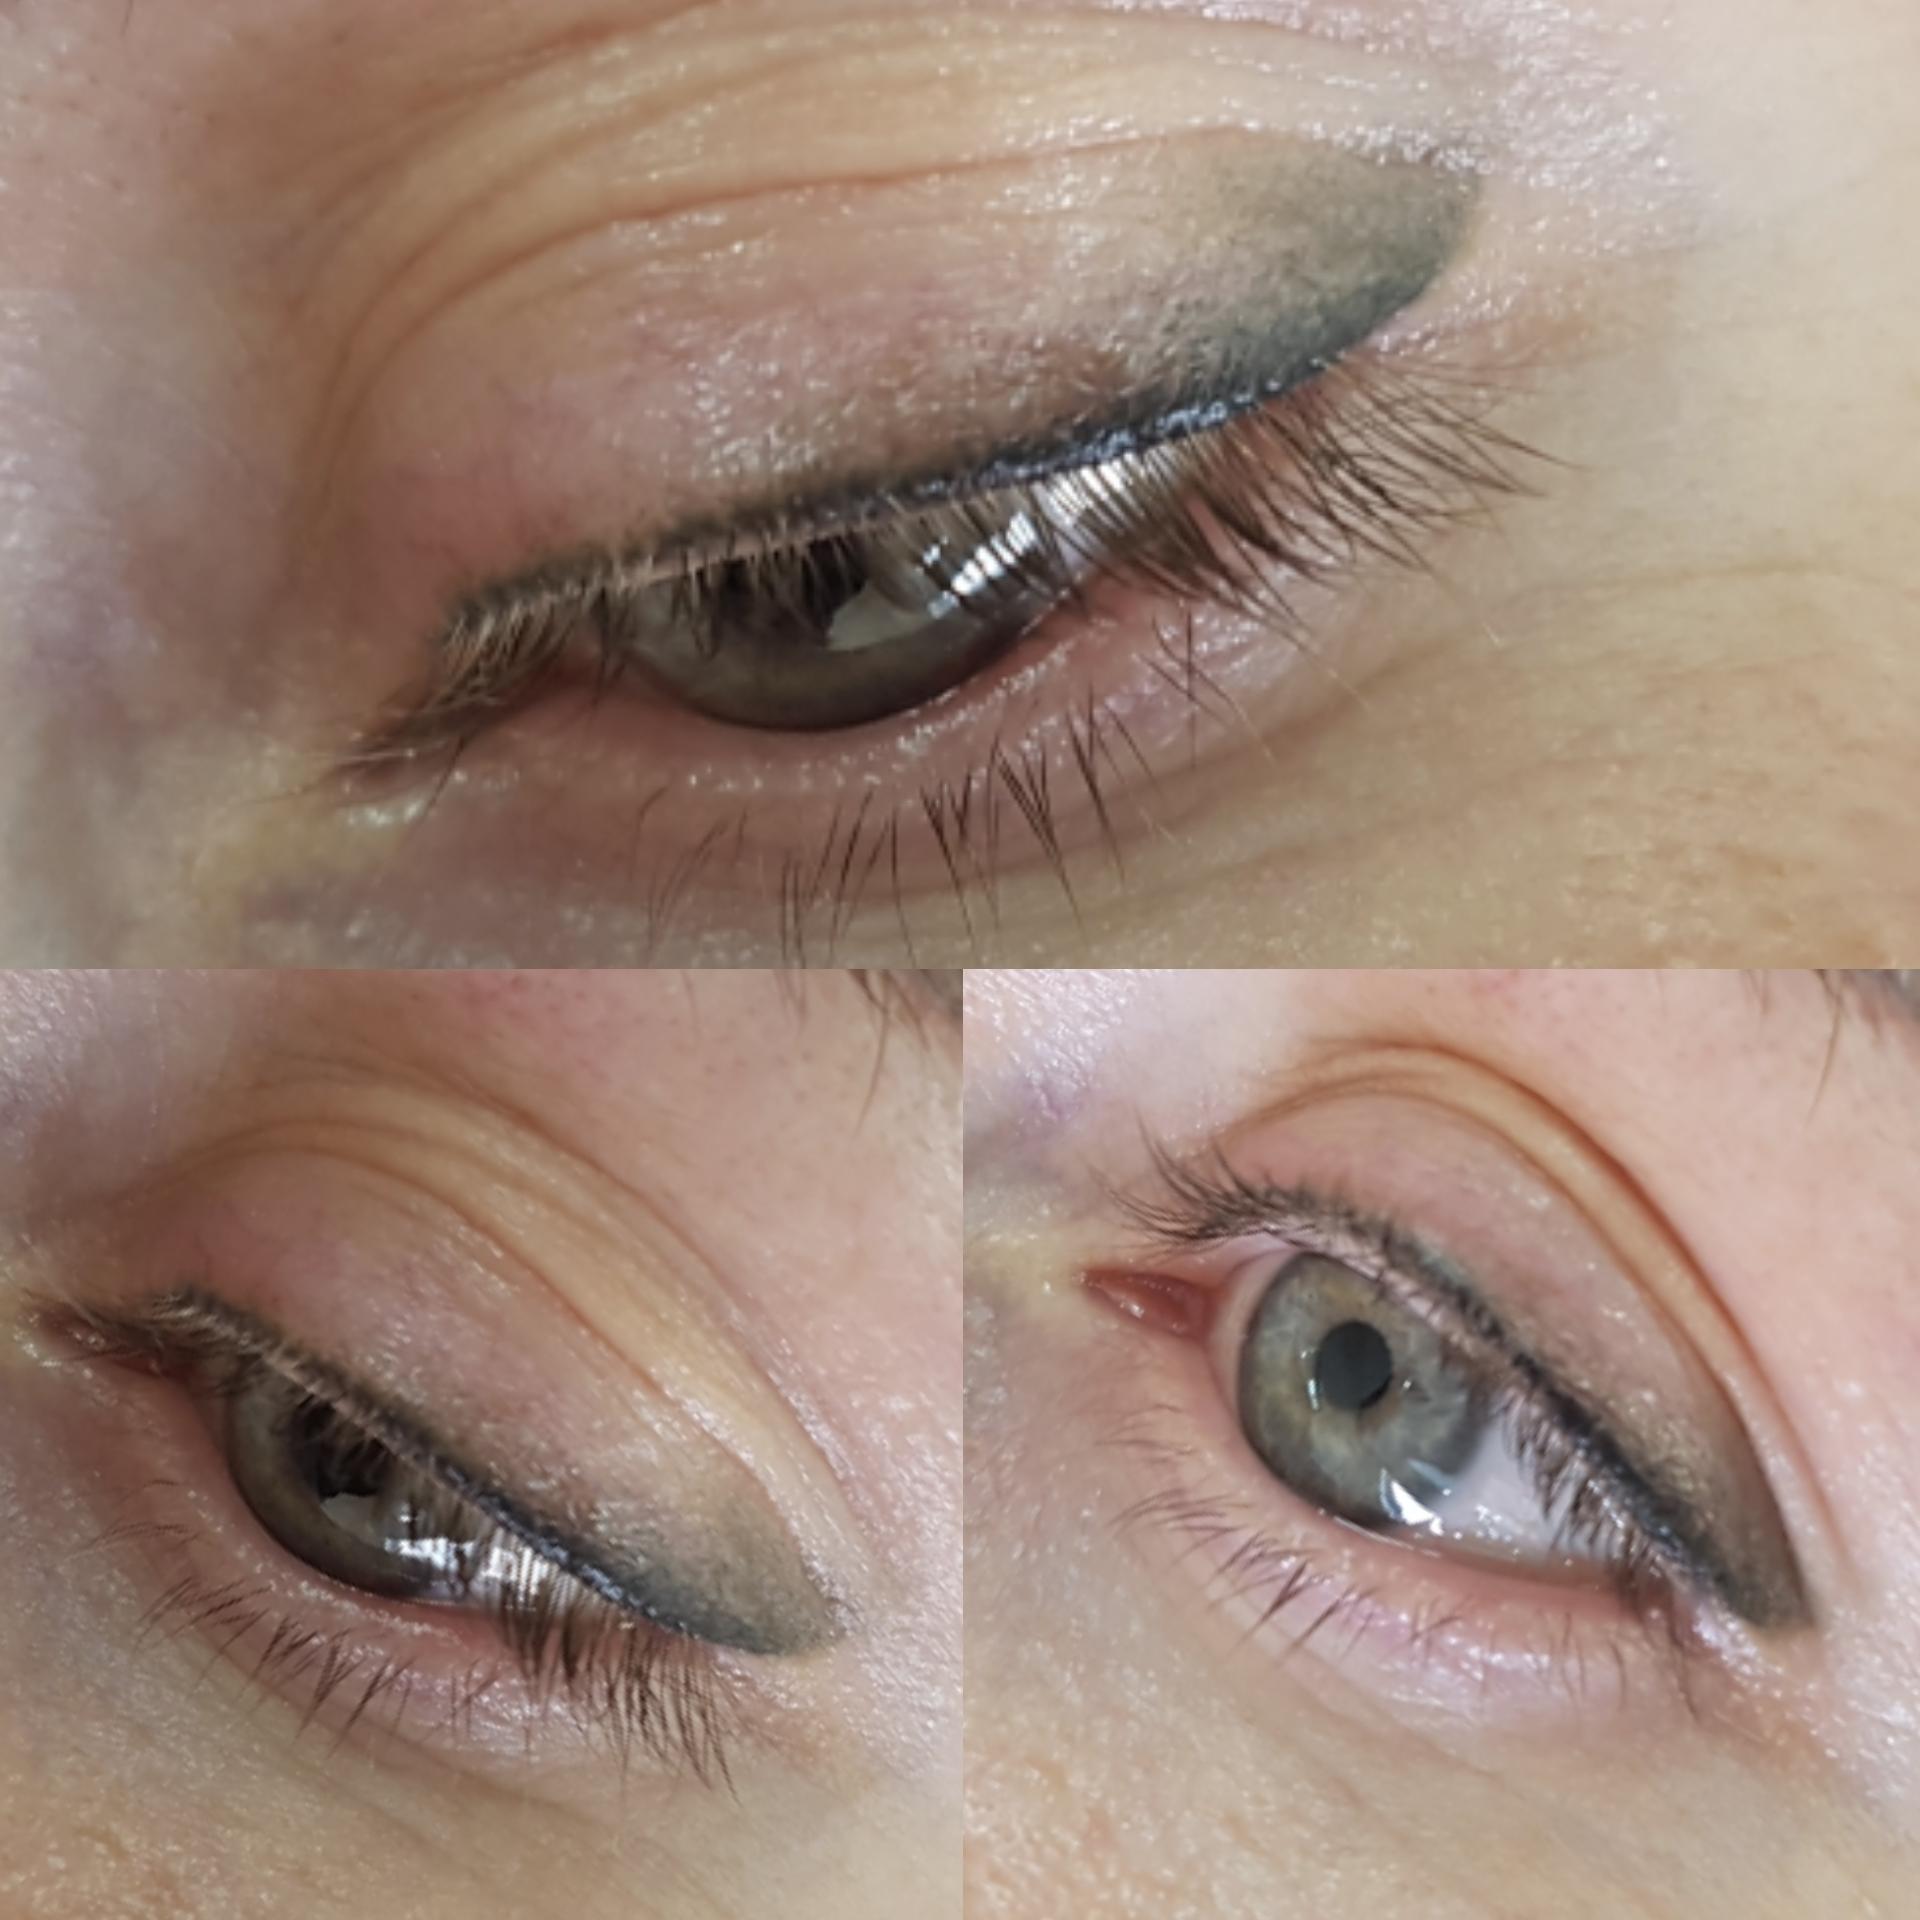 Удалить лазером перманентный макияж век